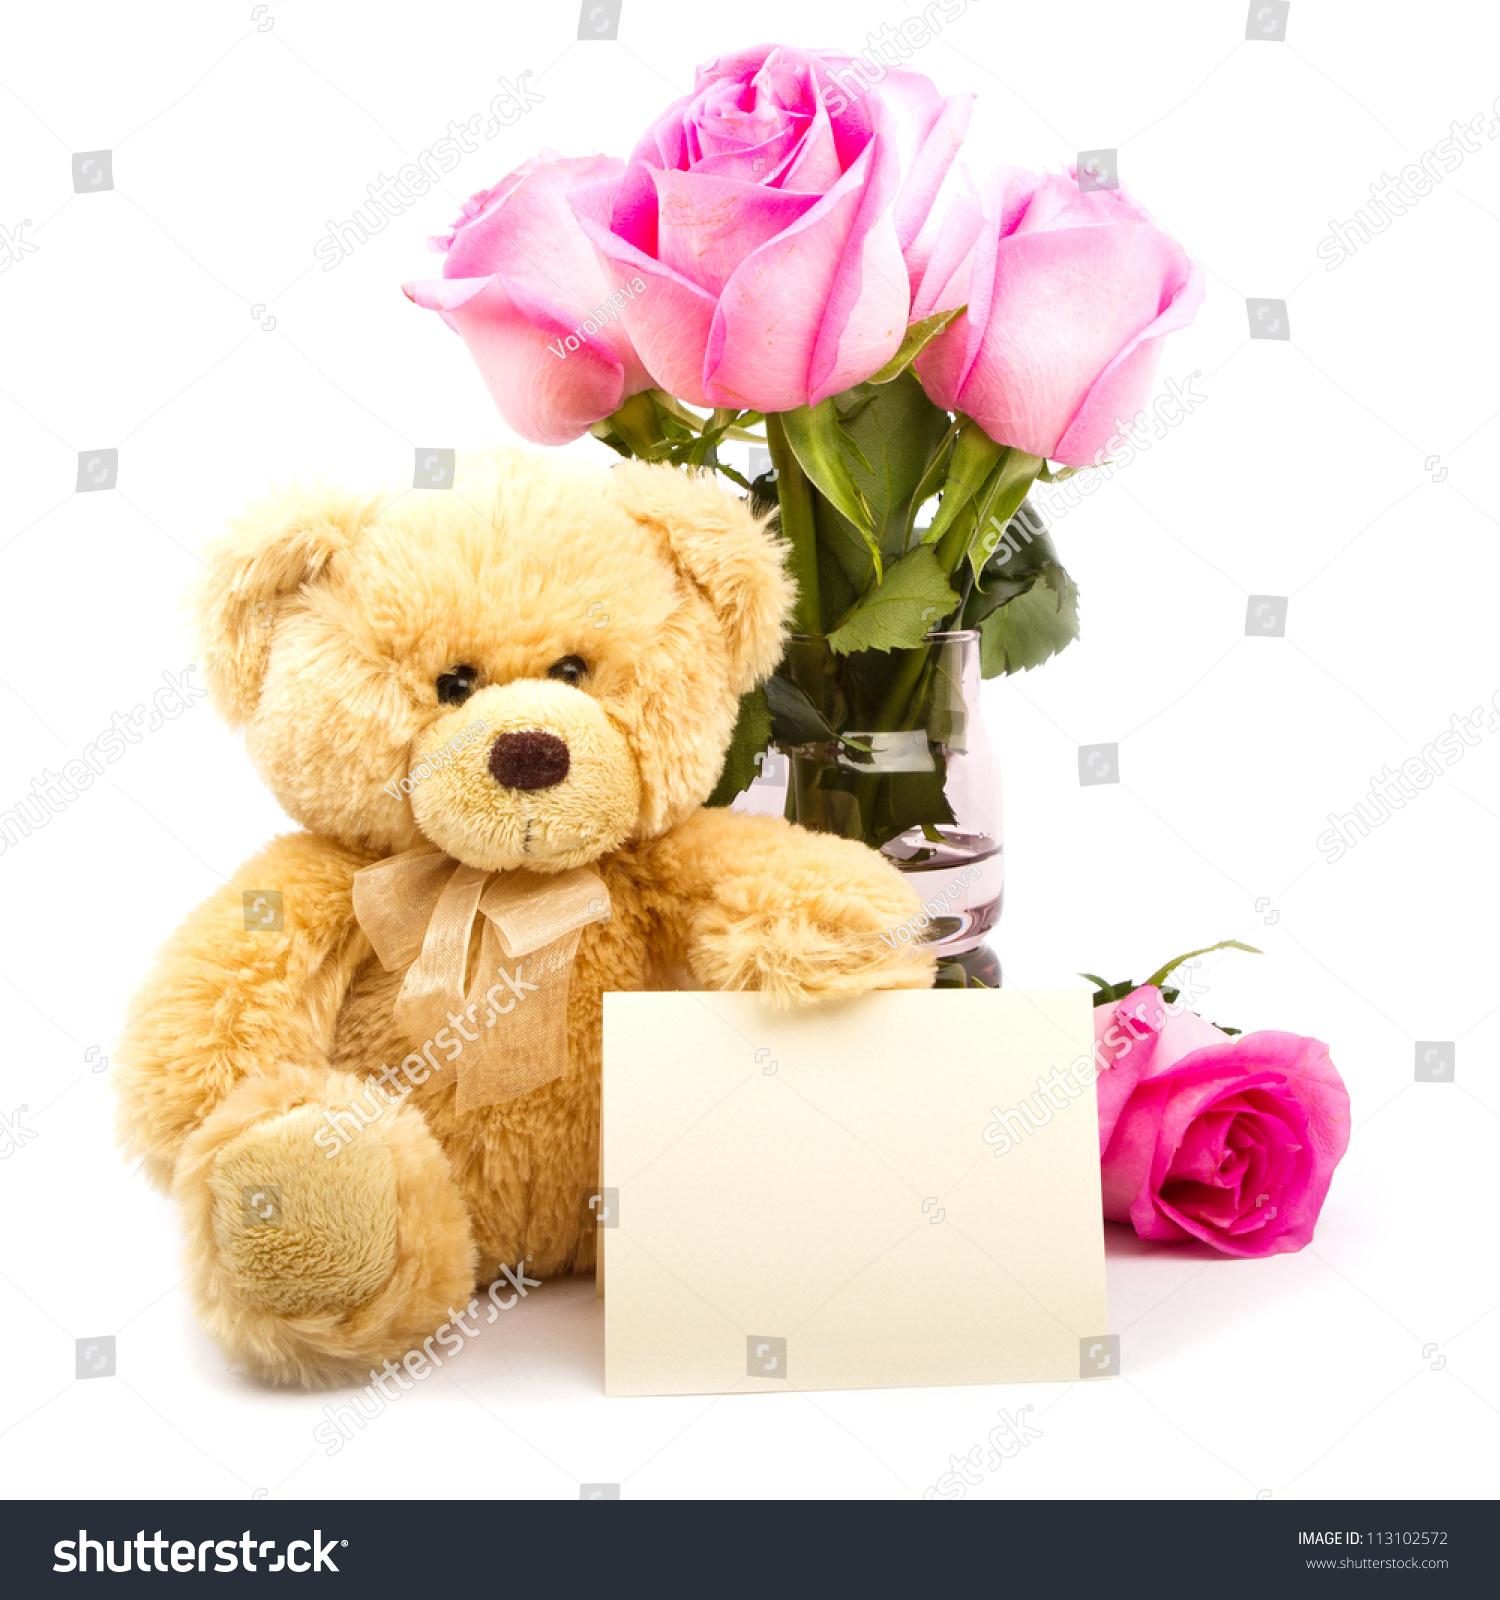 Teddy Bear Flowers Stockfoto (Lizenzfrei) 113102572 – Shutterstock